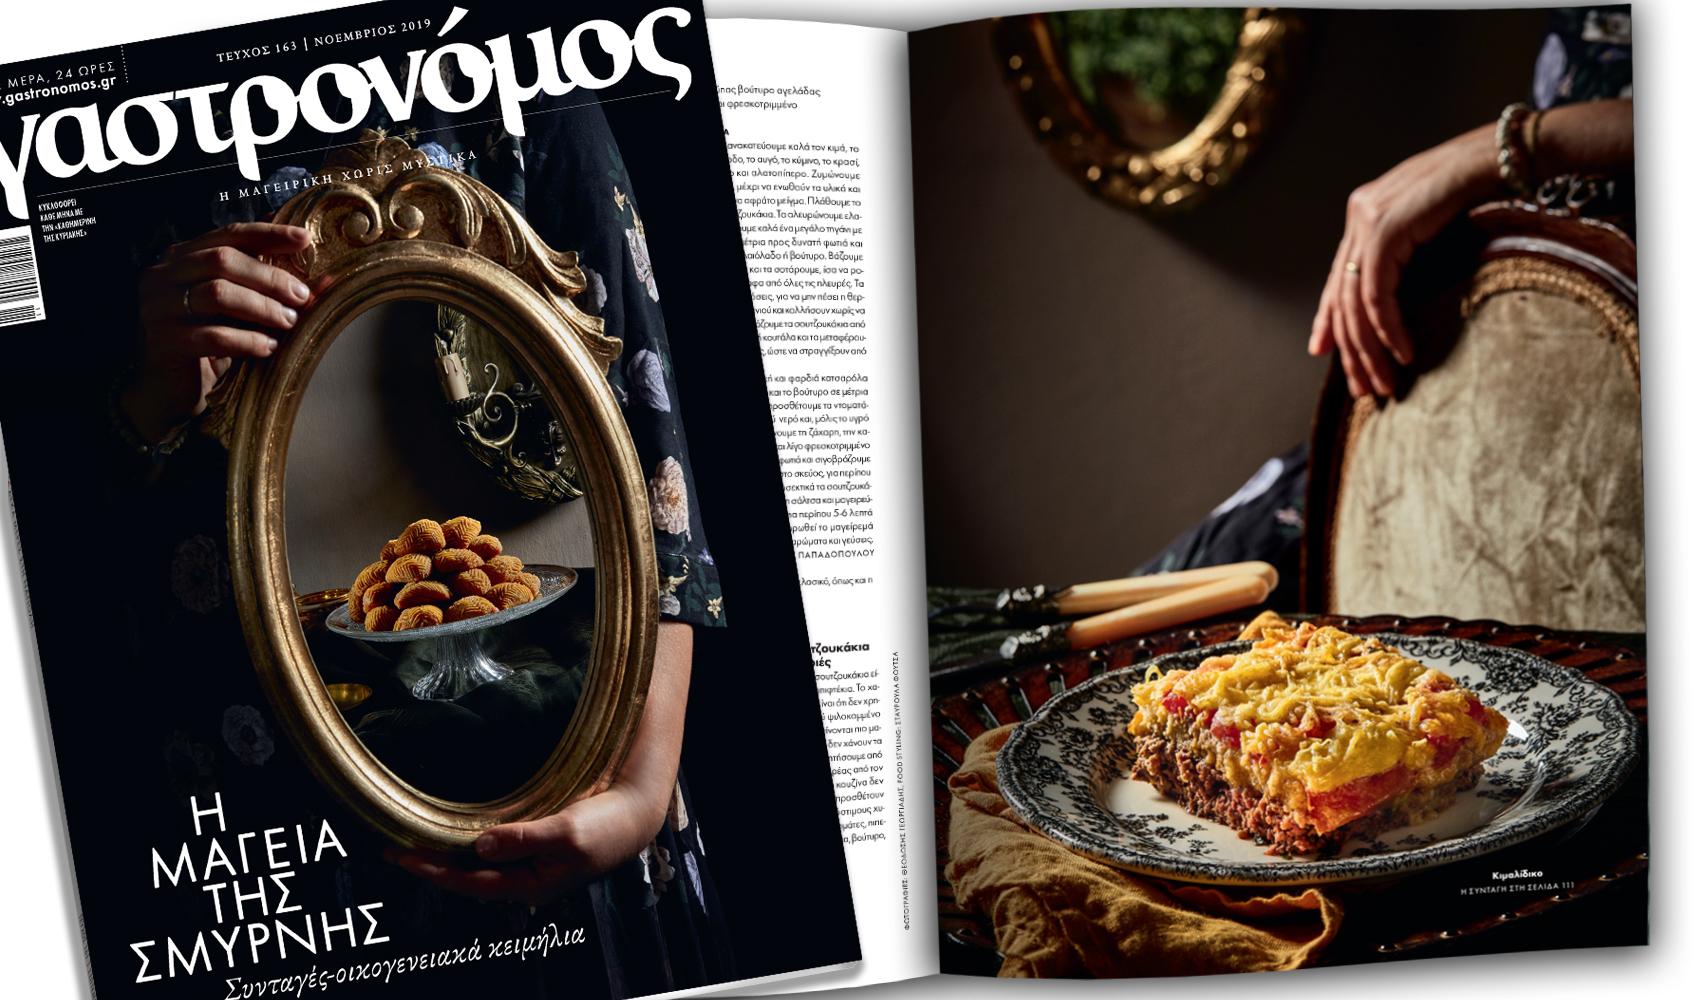 ston-gastronomo-ayti-tin-kyriaki-me-tin-k-ta-thrylika-smyrnaiika-mageireyta0